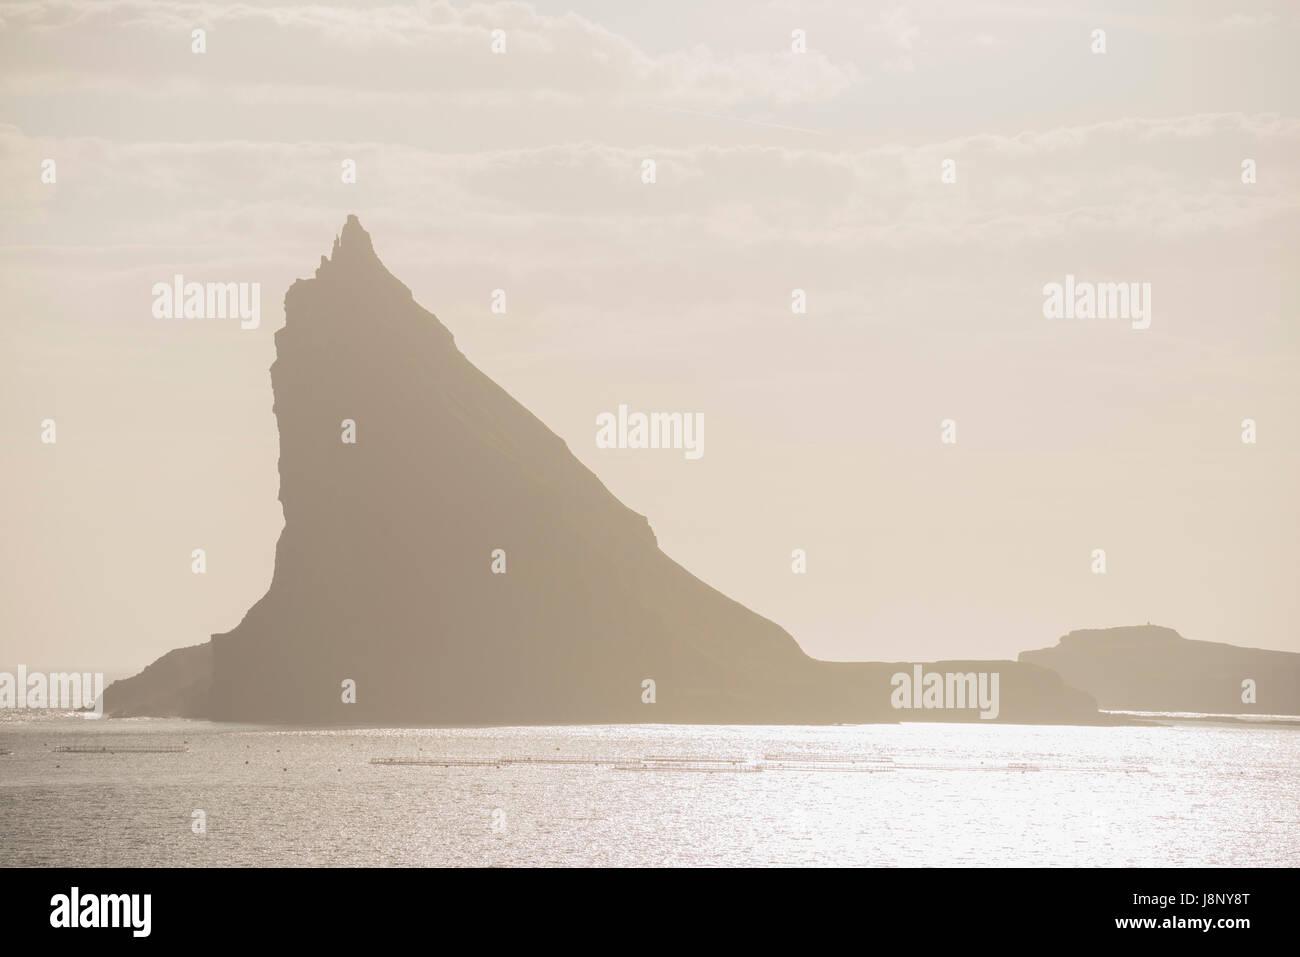 Silhouette des Berges auf dem Seeweg Stockfoto